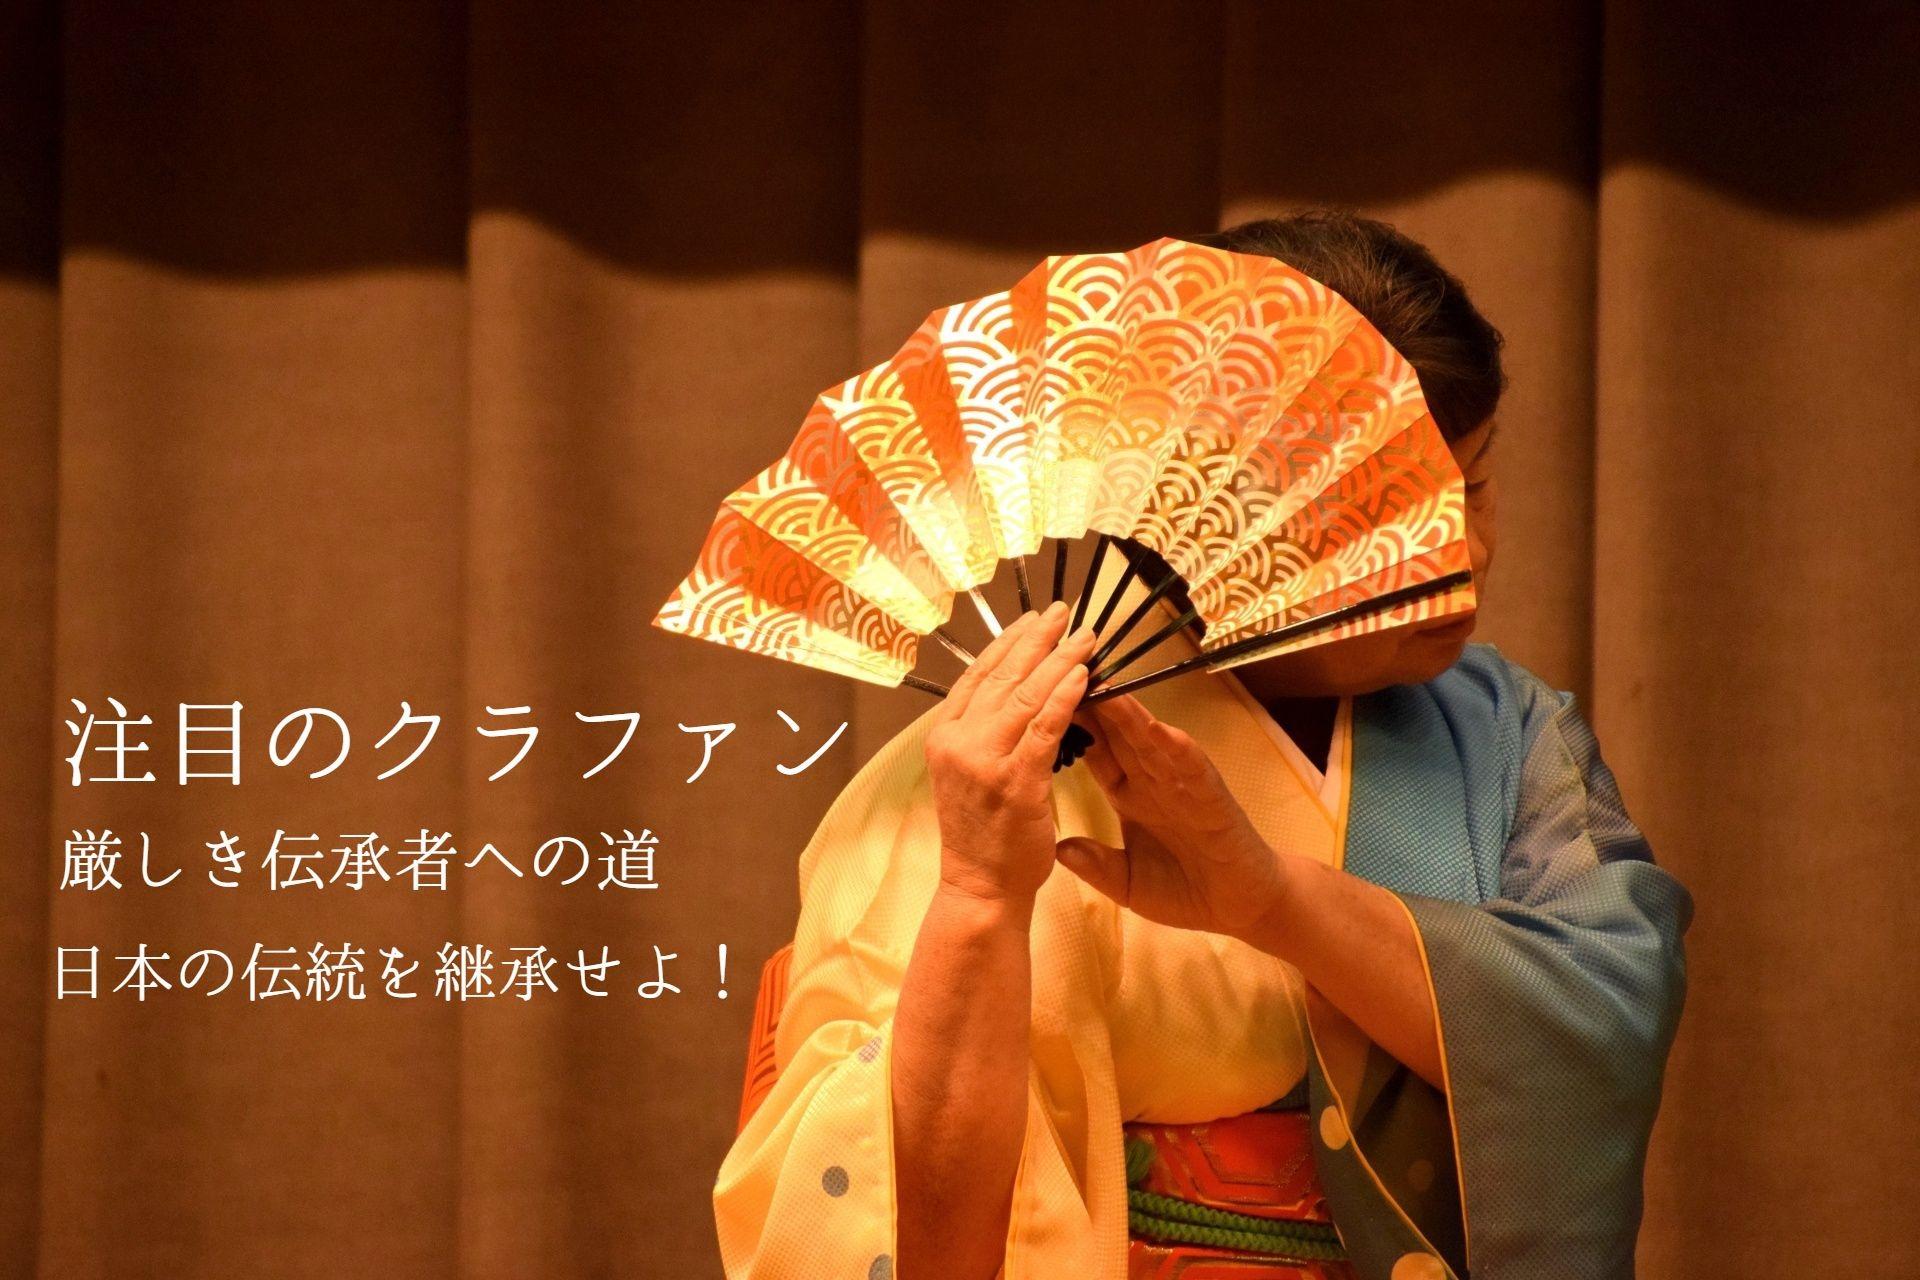 注目のクラウドファンディング、日本の伝統を伝える伝承者への道‼